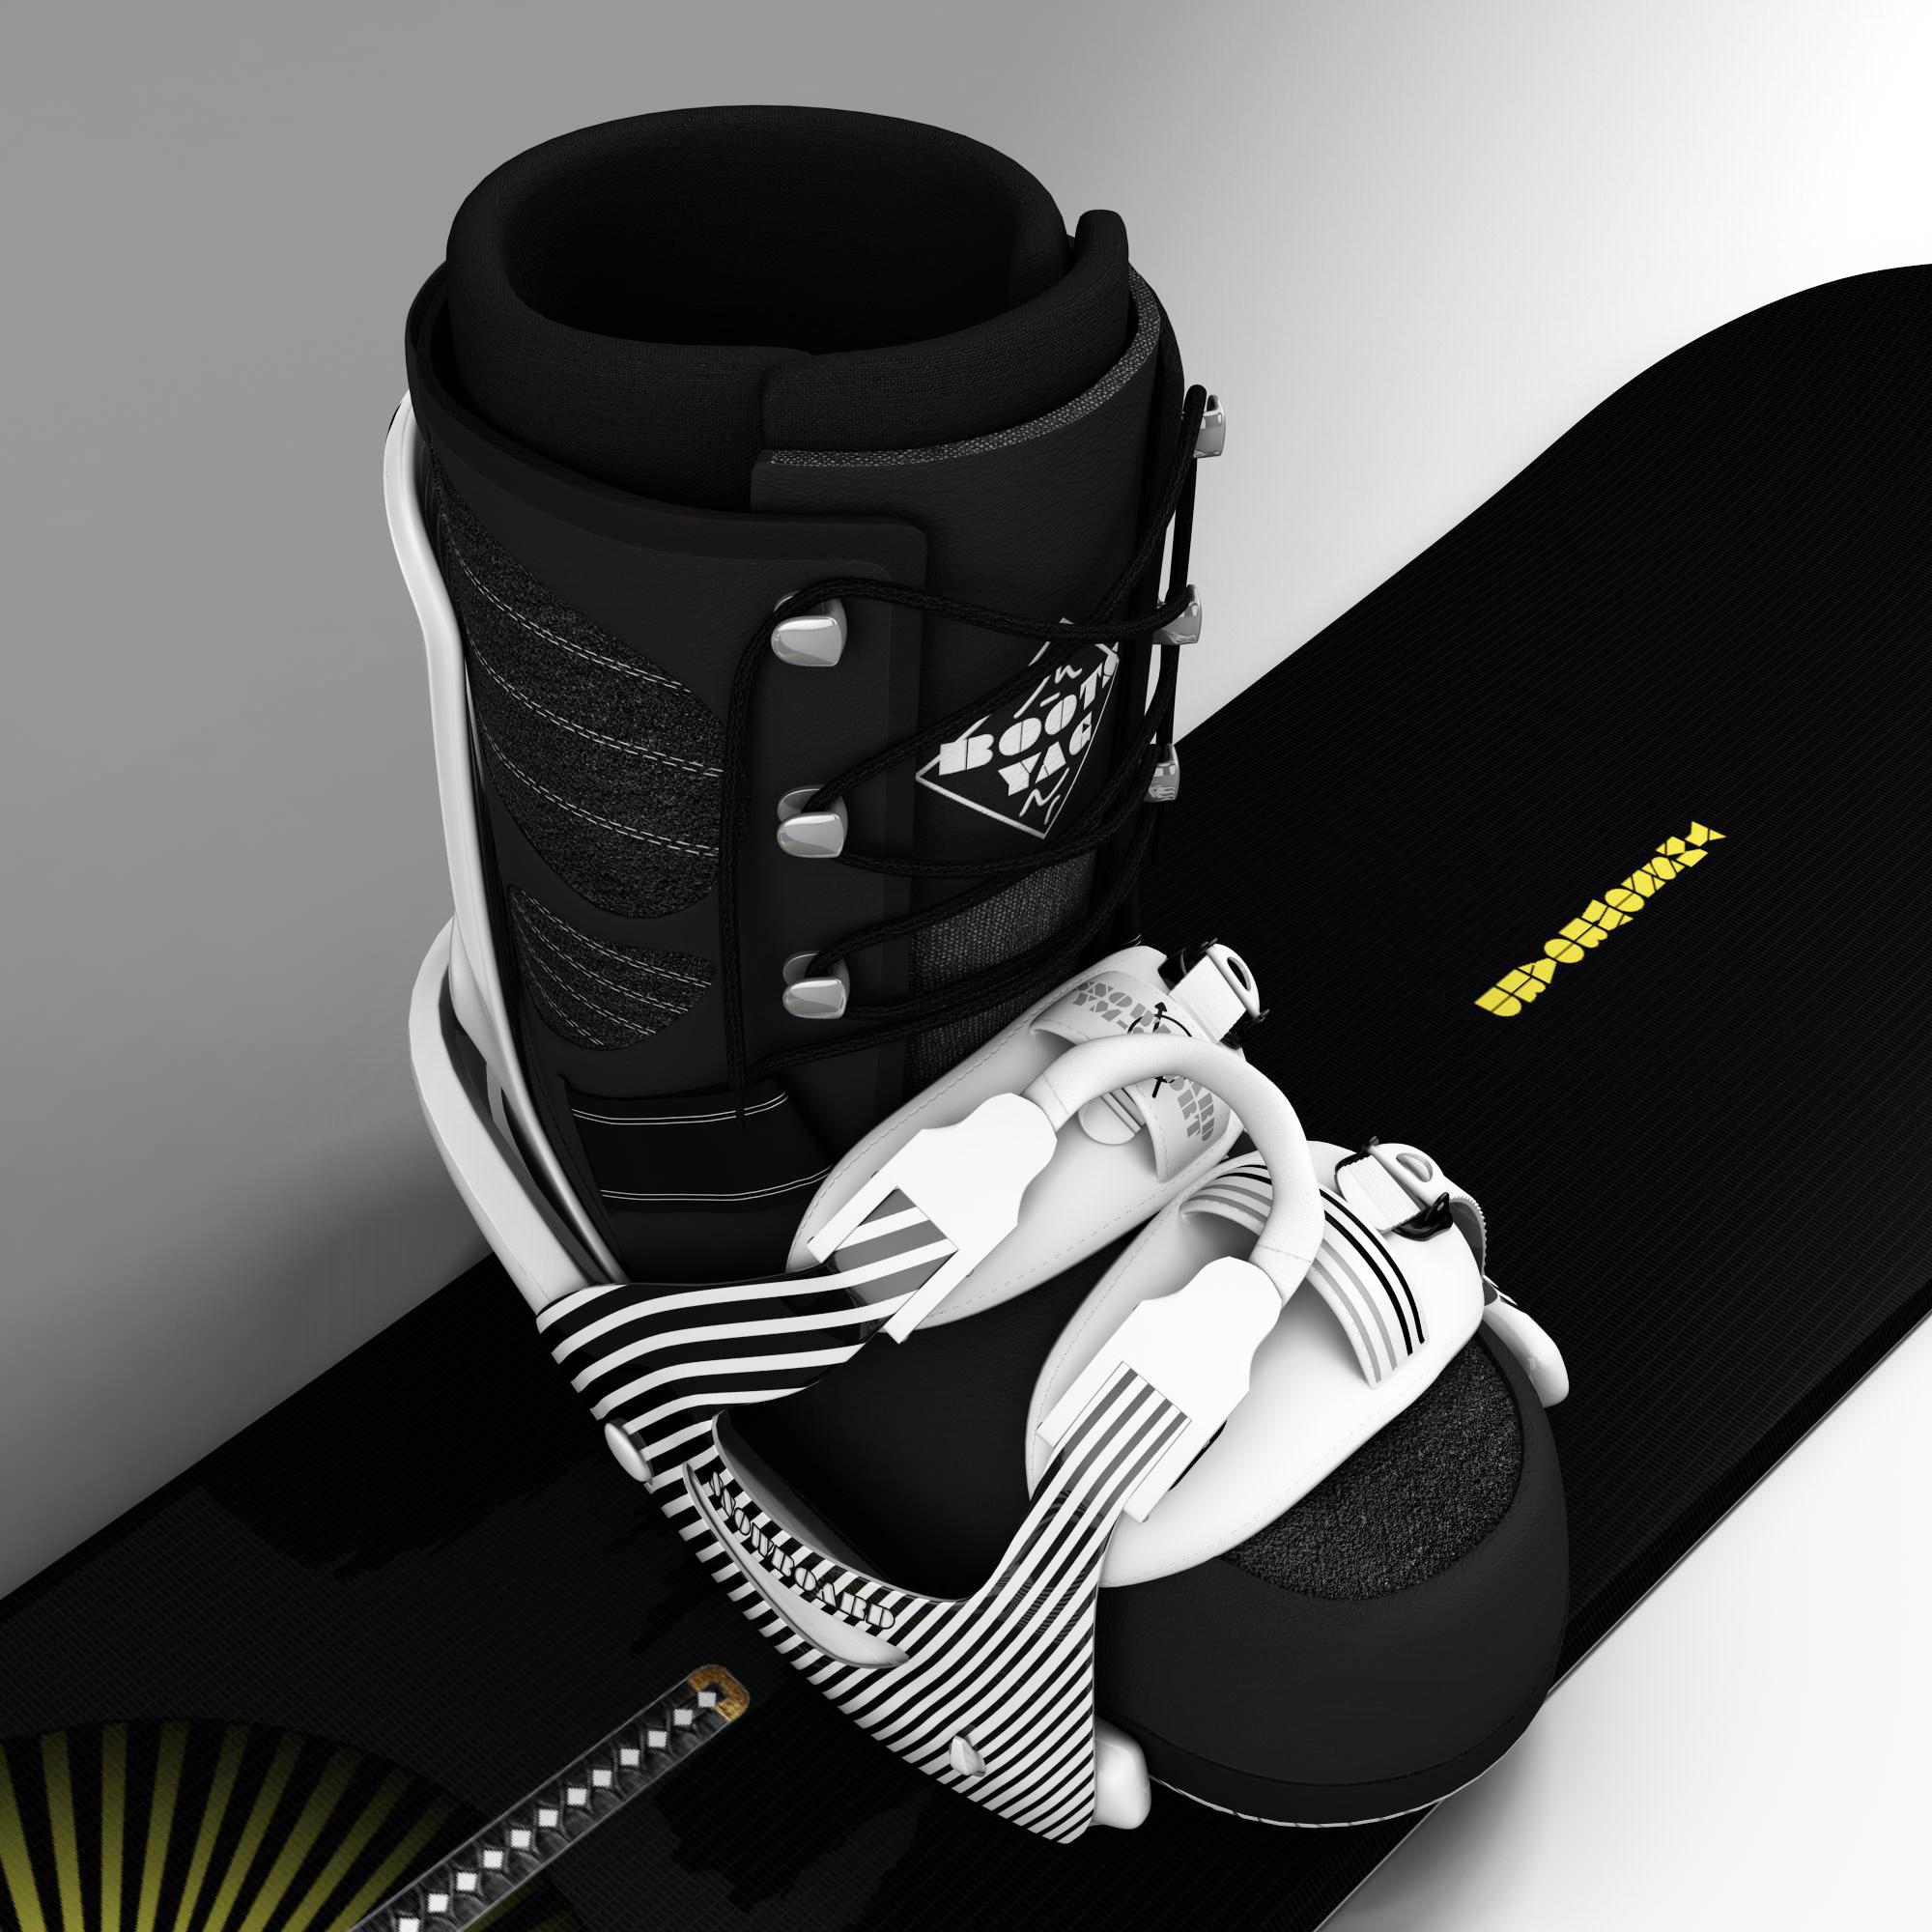 qar board 3d model 3ds max fbx ma mb obj 157641